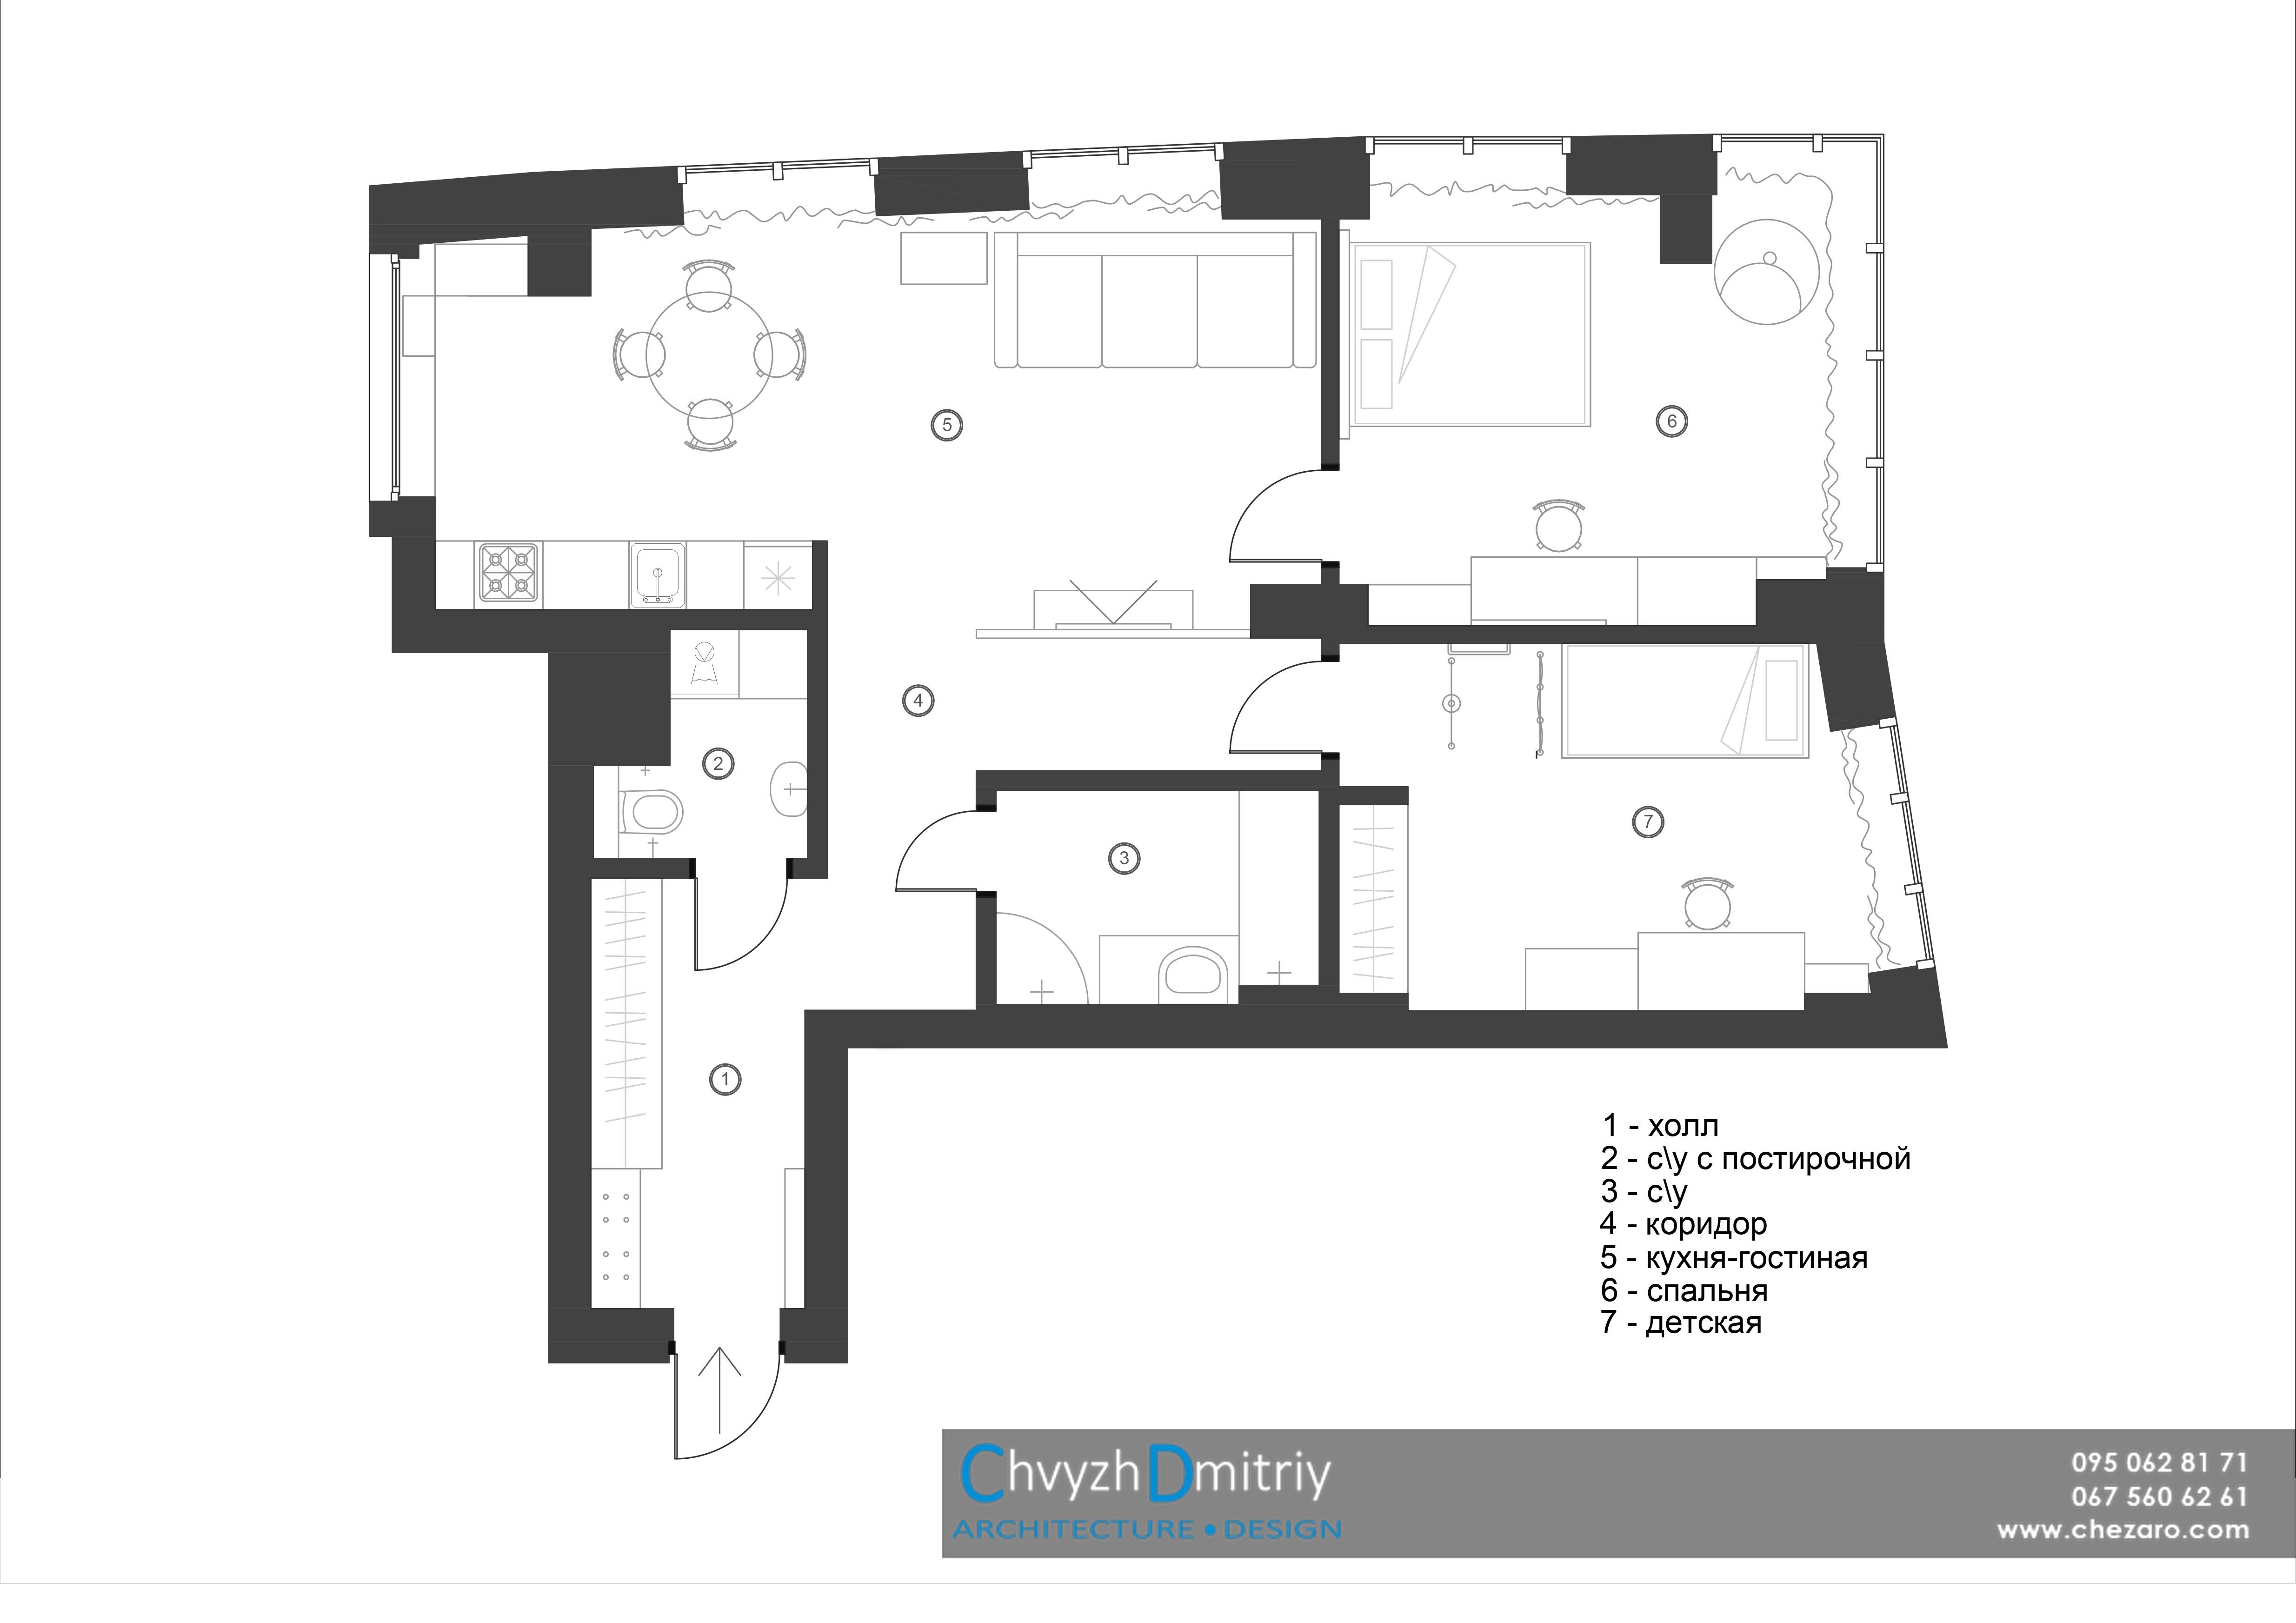 Планировка квартиры для трех человек Квартира 90 м.кв. в ЖК «Панорама» Днепр